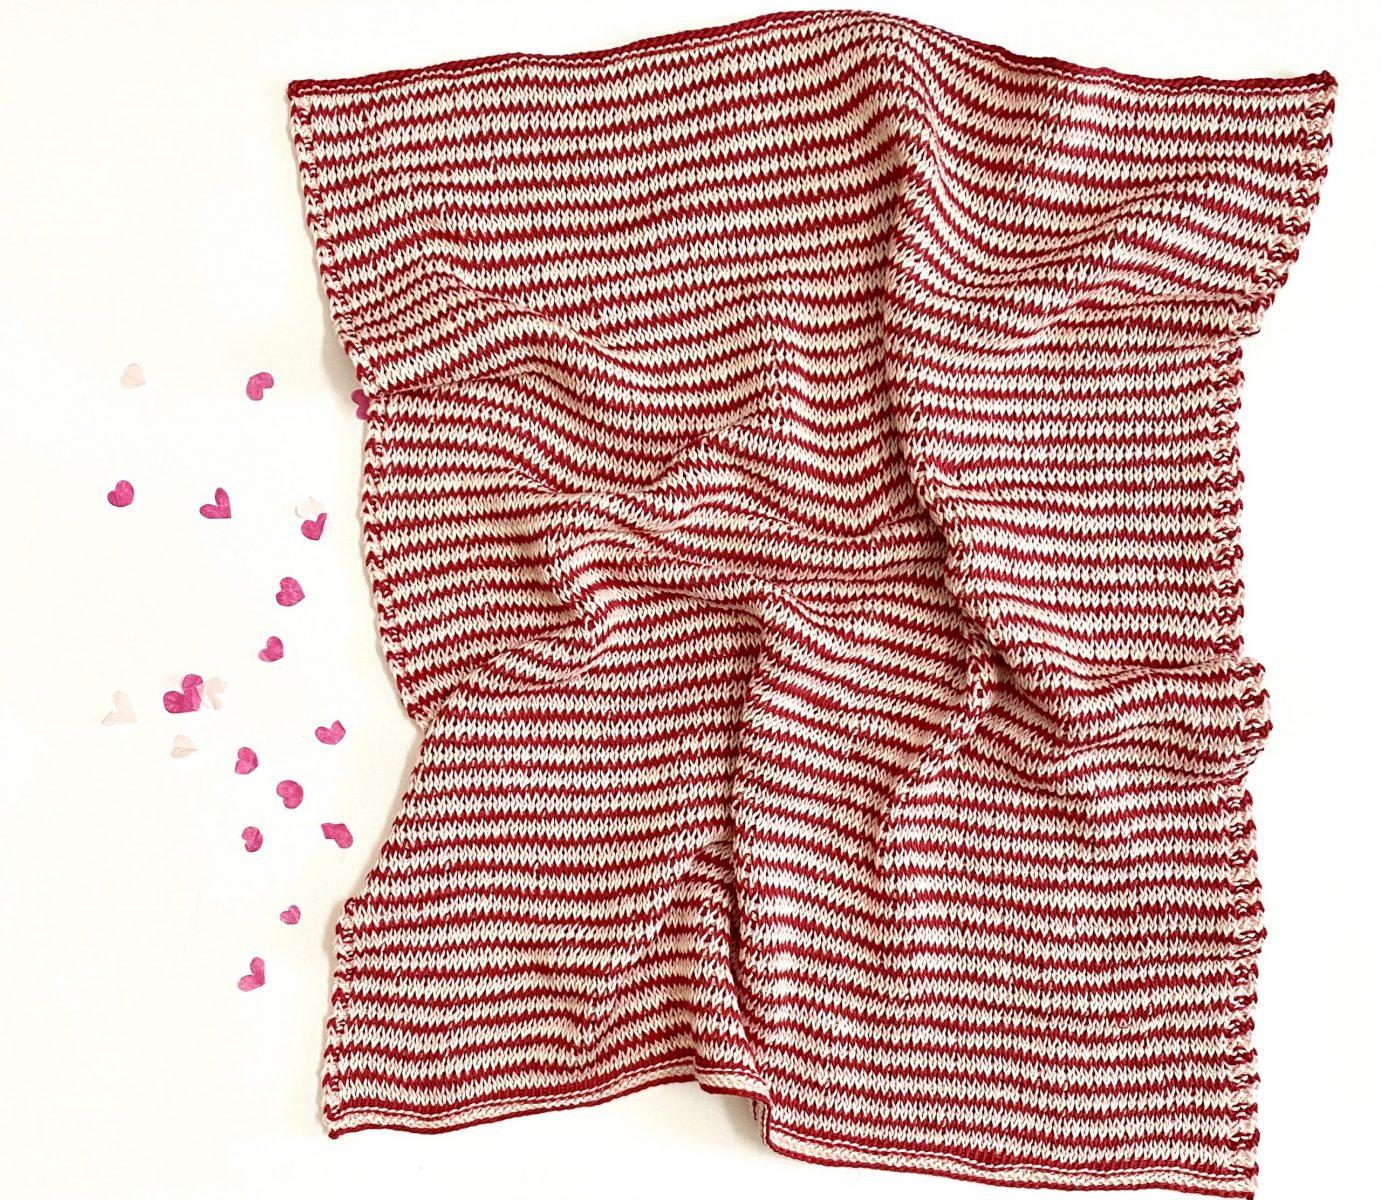 Full of Love Baby Blanket crochet pattern by Little Monkeys Designs